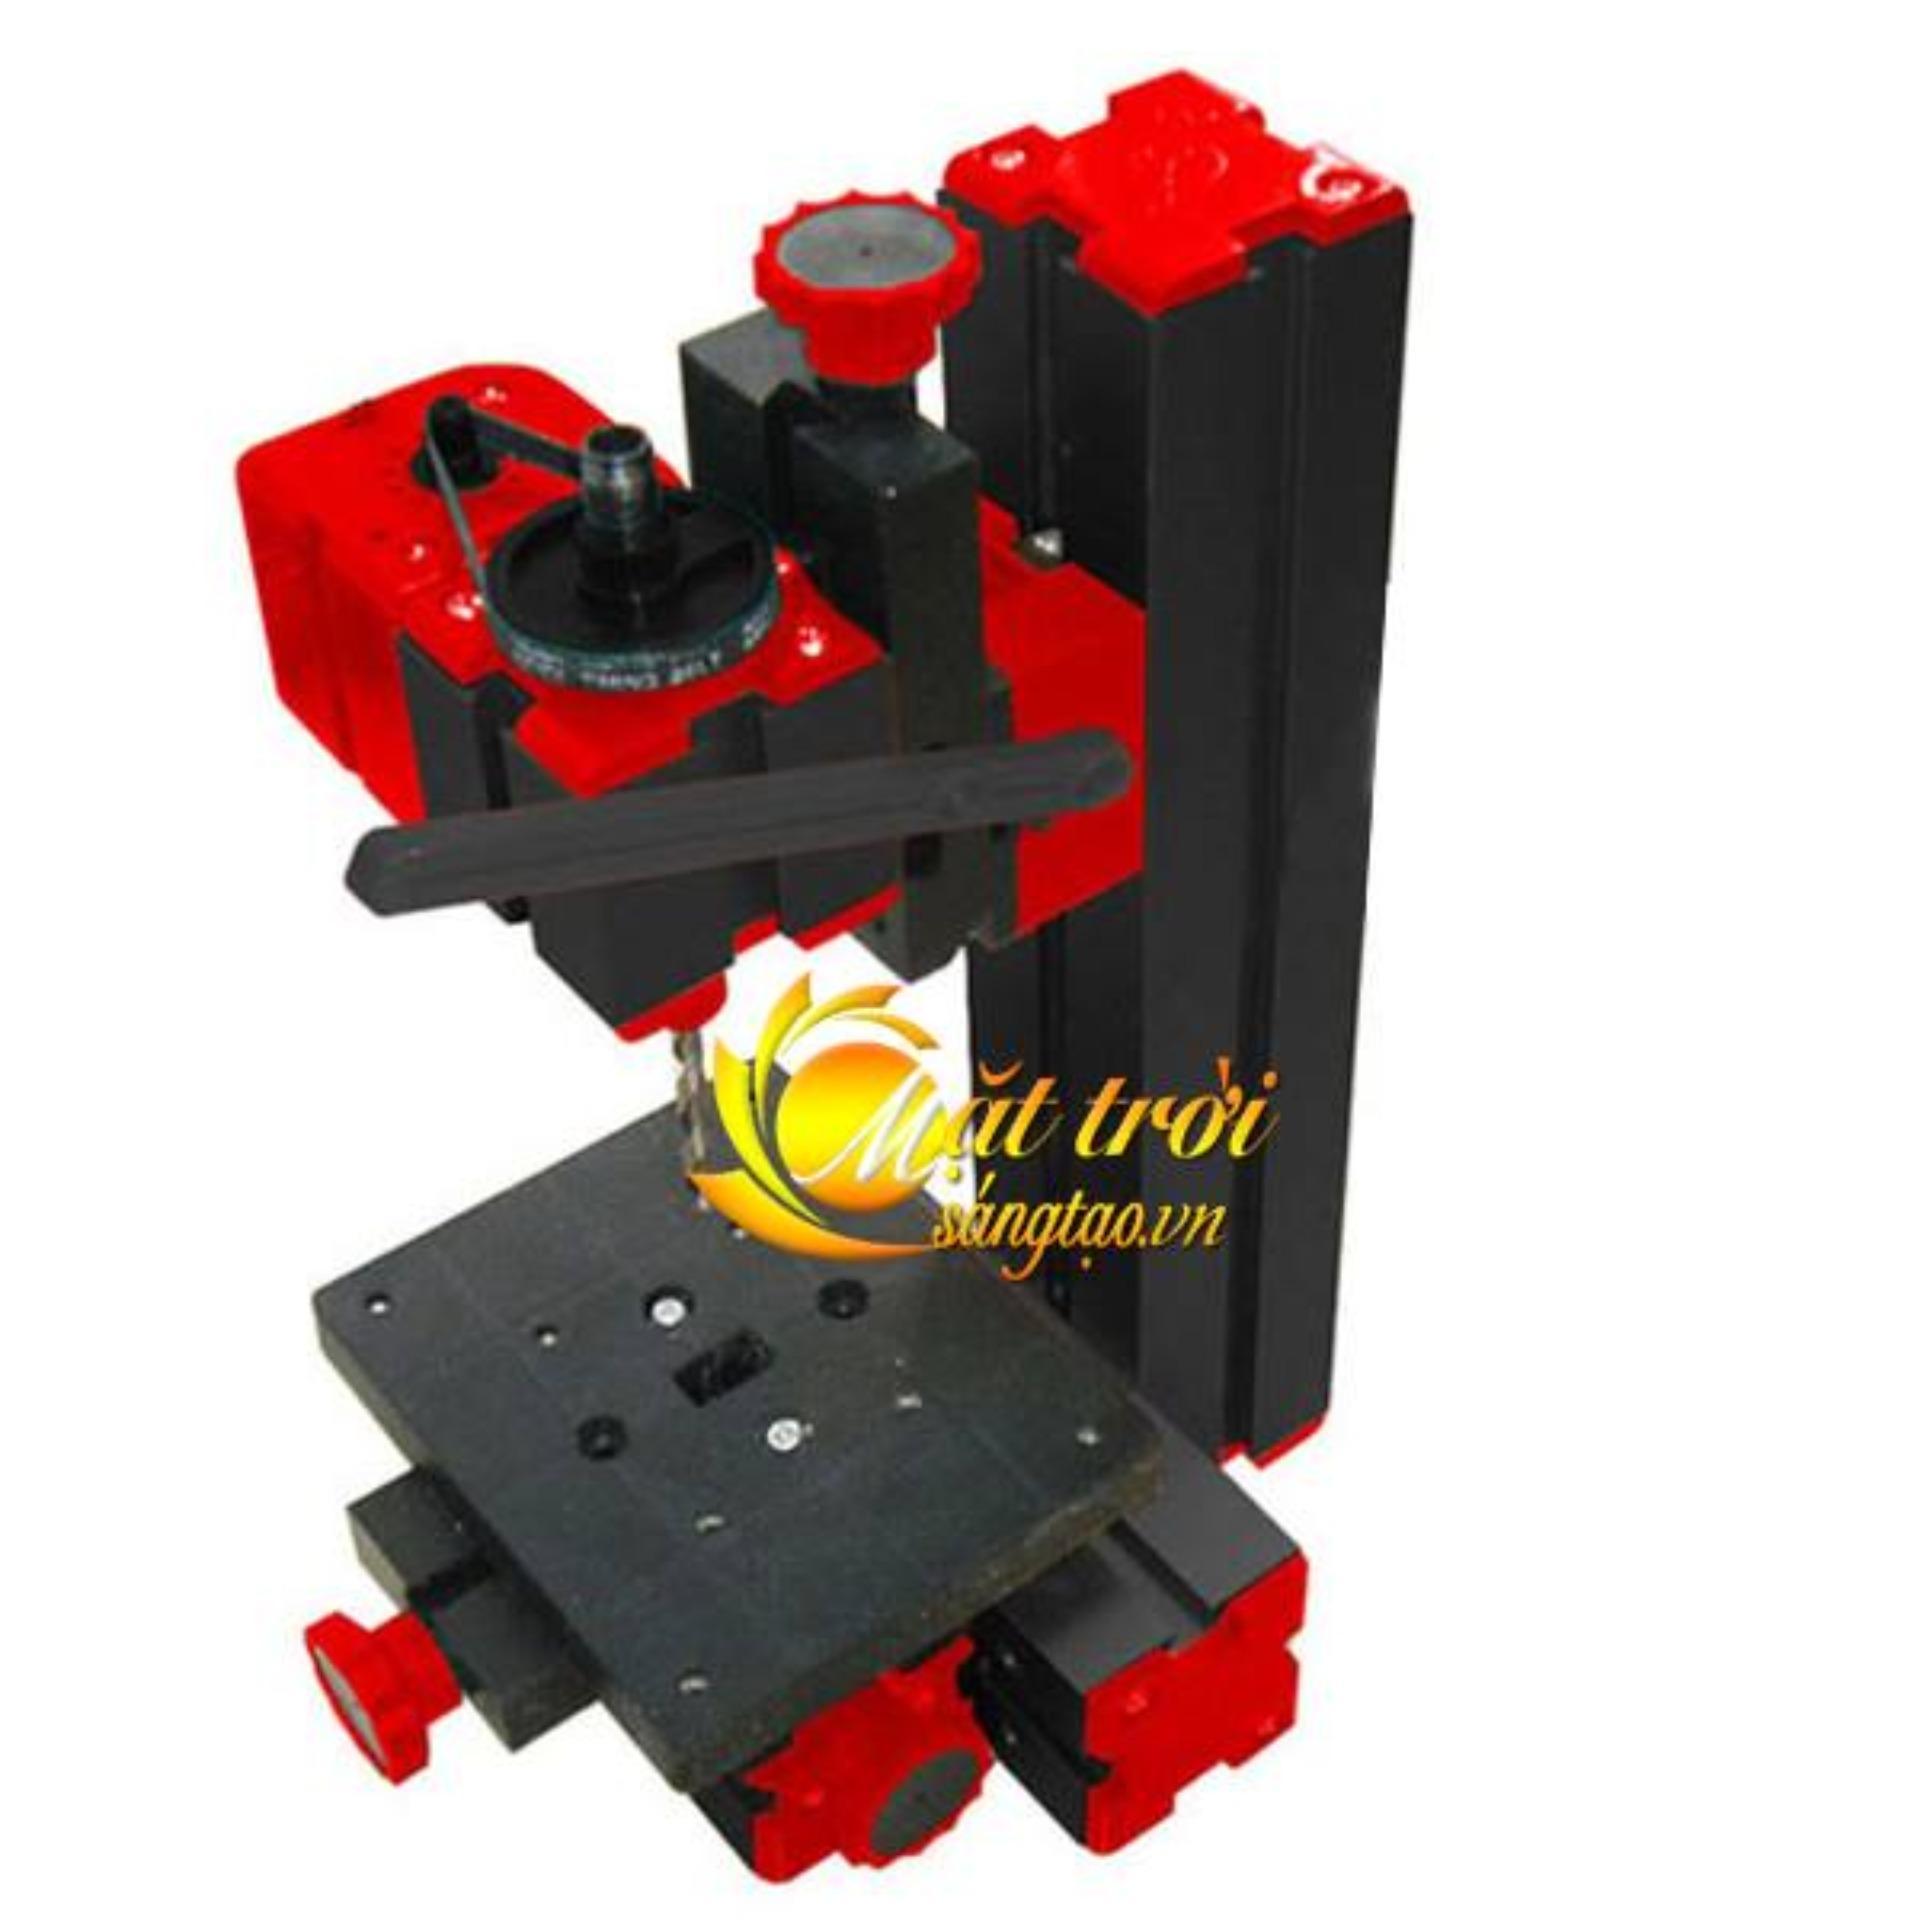 Bộ công cụ gia công đa năng mini 6in1 ( cưa, mài, khoan, tiện gỗ, tiện kim loại, phay)